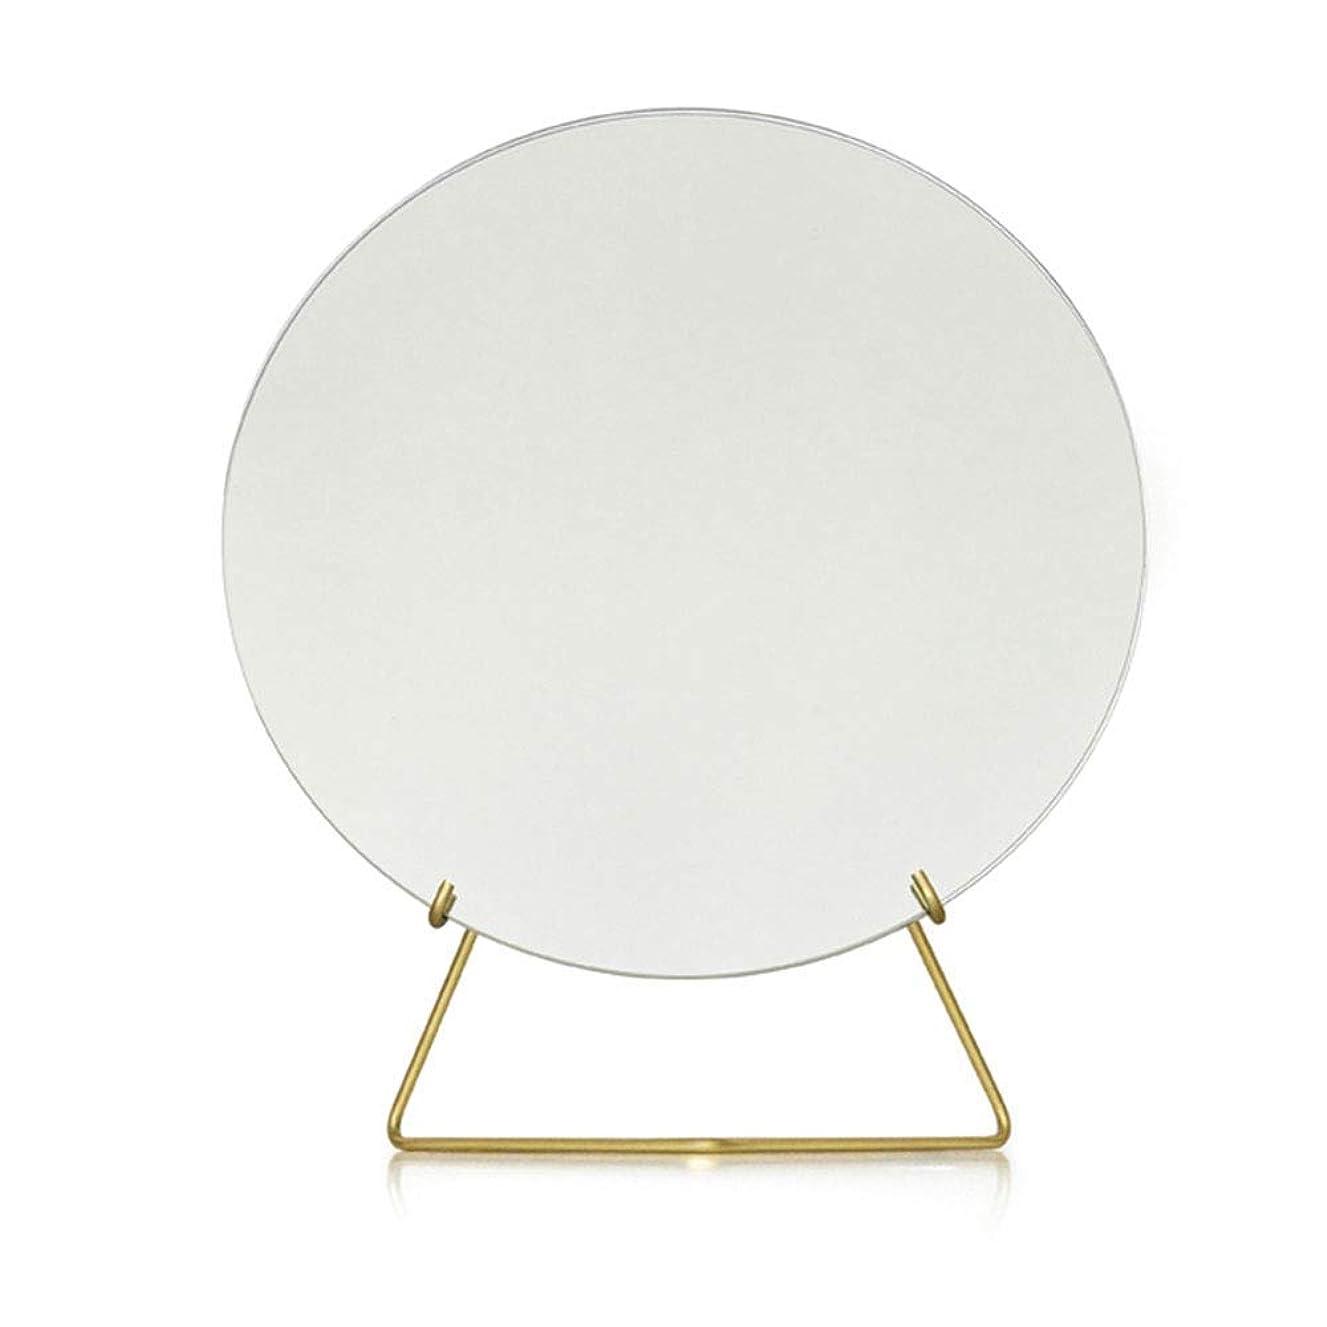 コミュニティ止まる浸した化粧鏡、モダンなクリエイティブシンプルミラーノルディックプリンセスミラー寝室ミニドレッシングテーブルミラー化粧鏡ラウンドデスクトップミラー真鍮、HDミラー